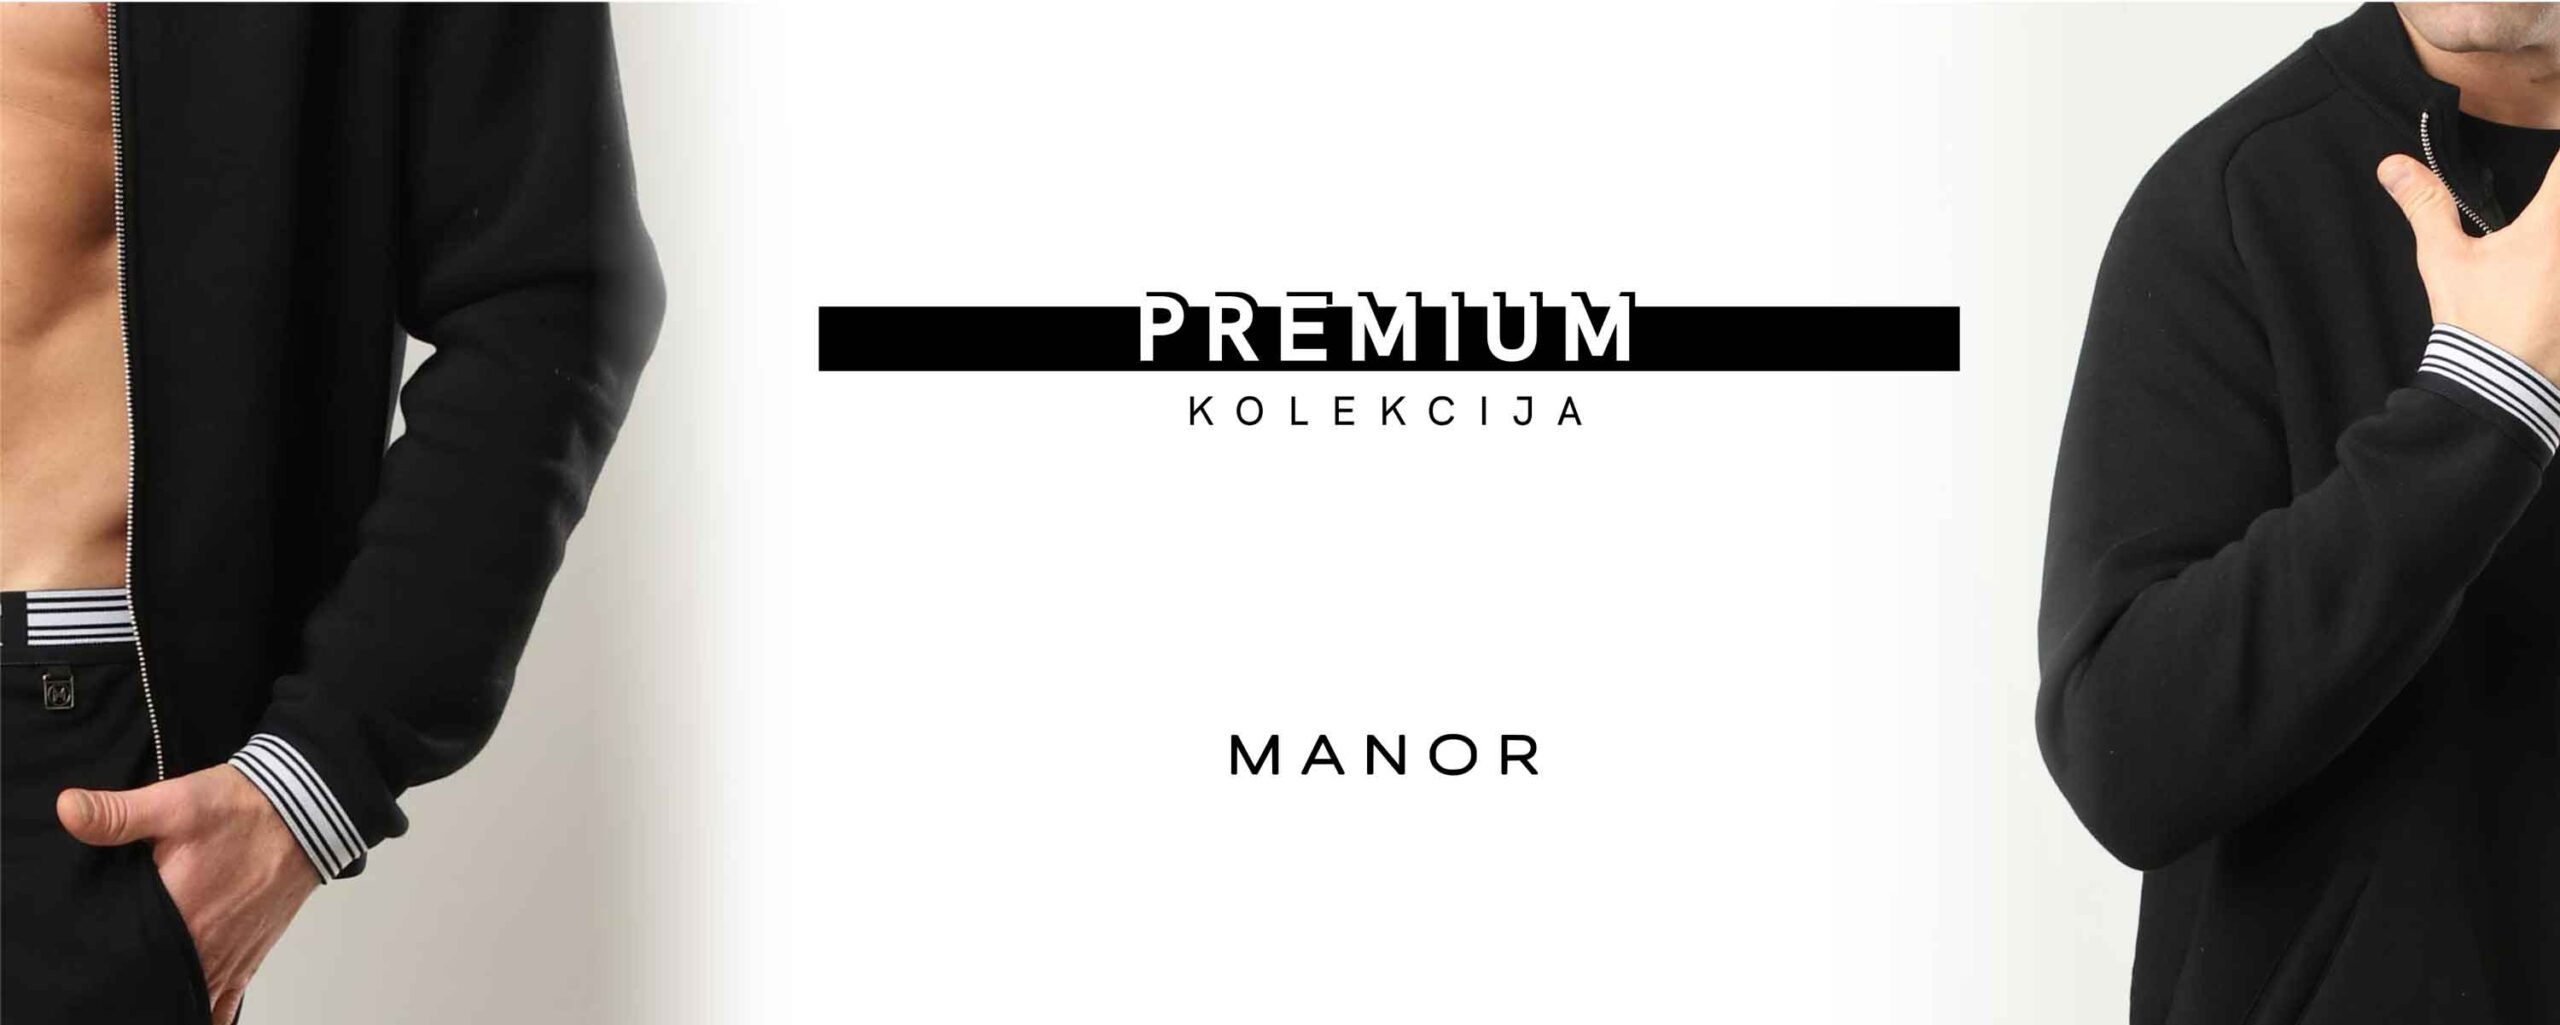 Manor Premium crna muška dukserica na zakopčavanje